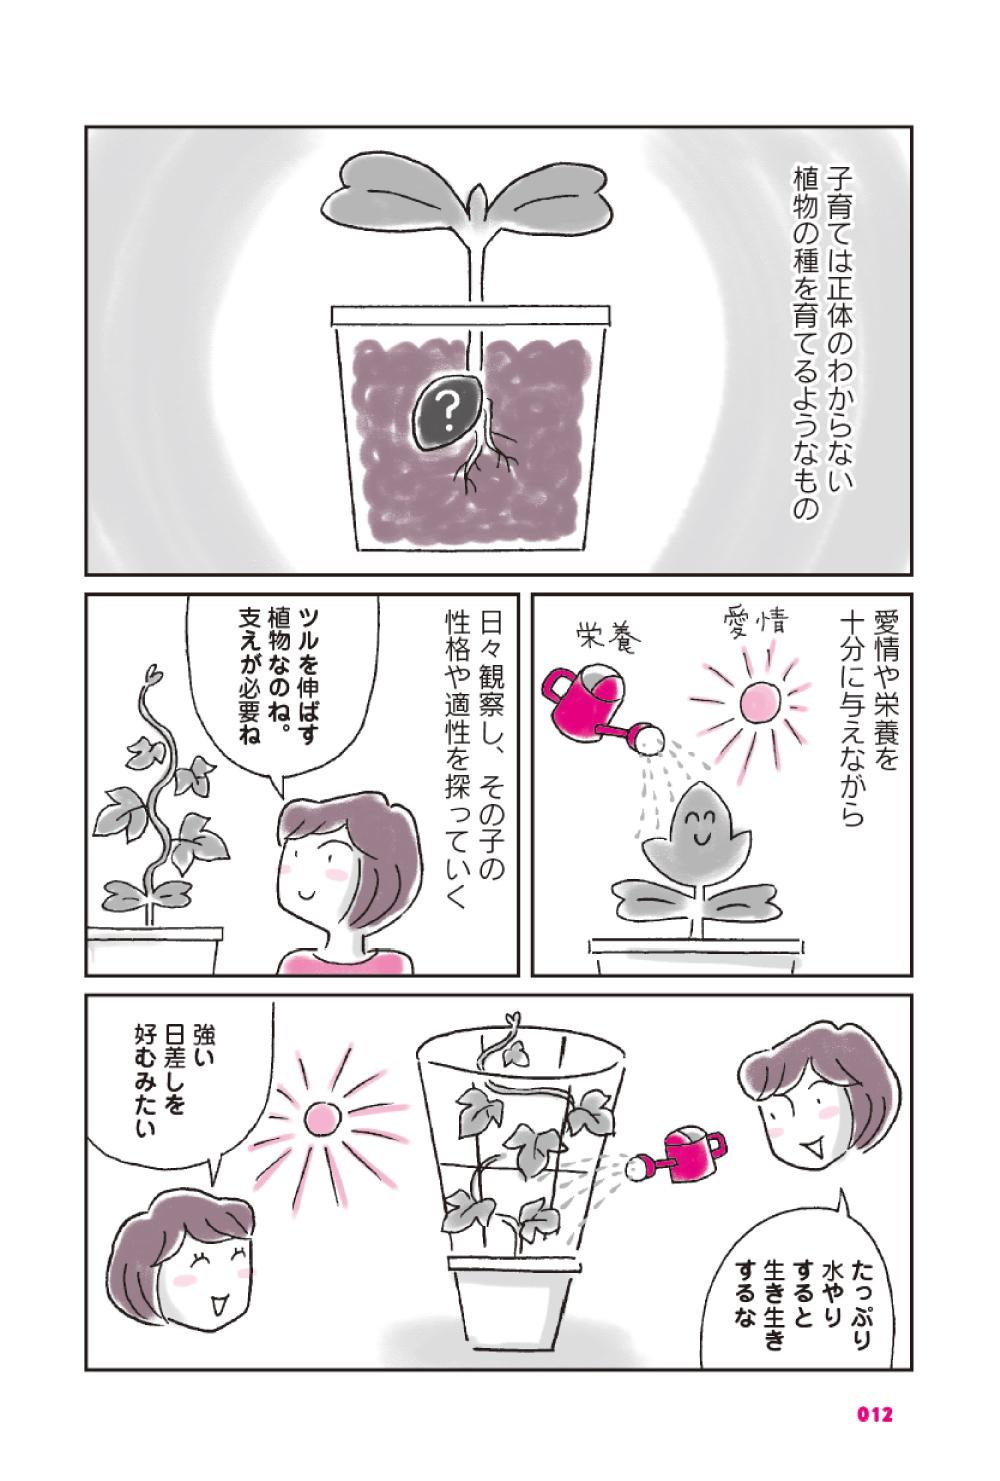 【教育】子どもを伸ばす母親力の磨き方の画像6